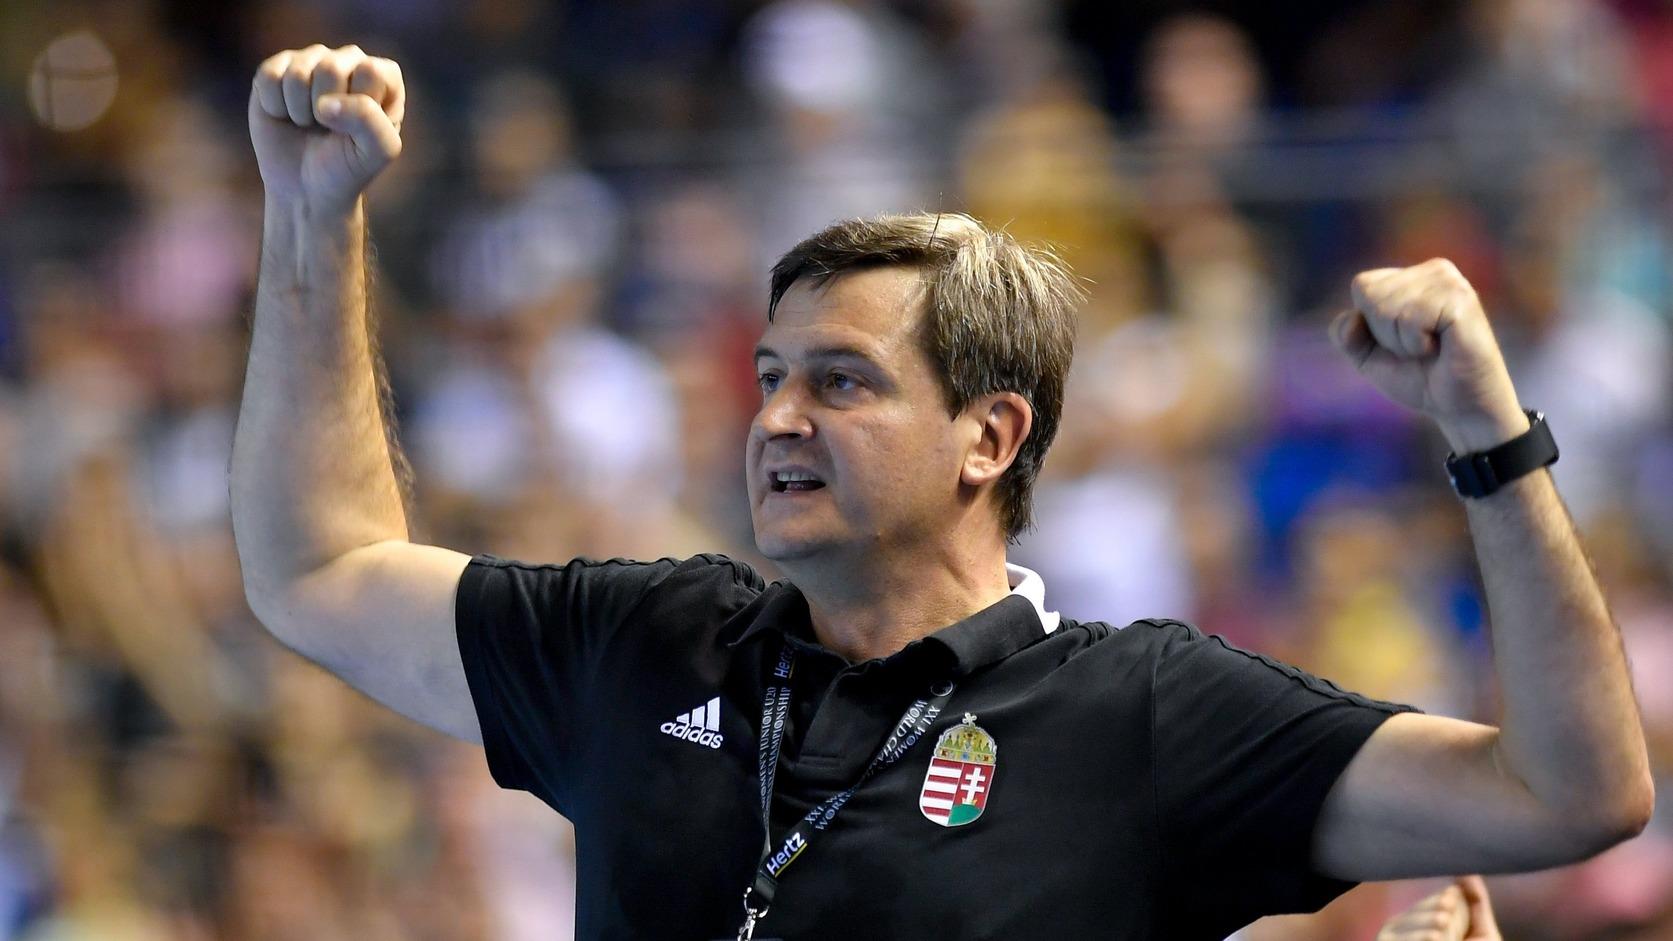 Biztos vagyok benne, hogy a magyar és az orosz válogatott jut ki az olimpiára – Golovin Vlagyimir